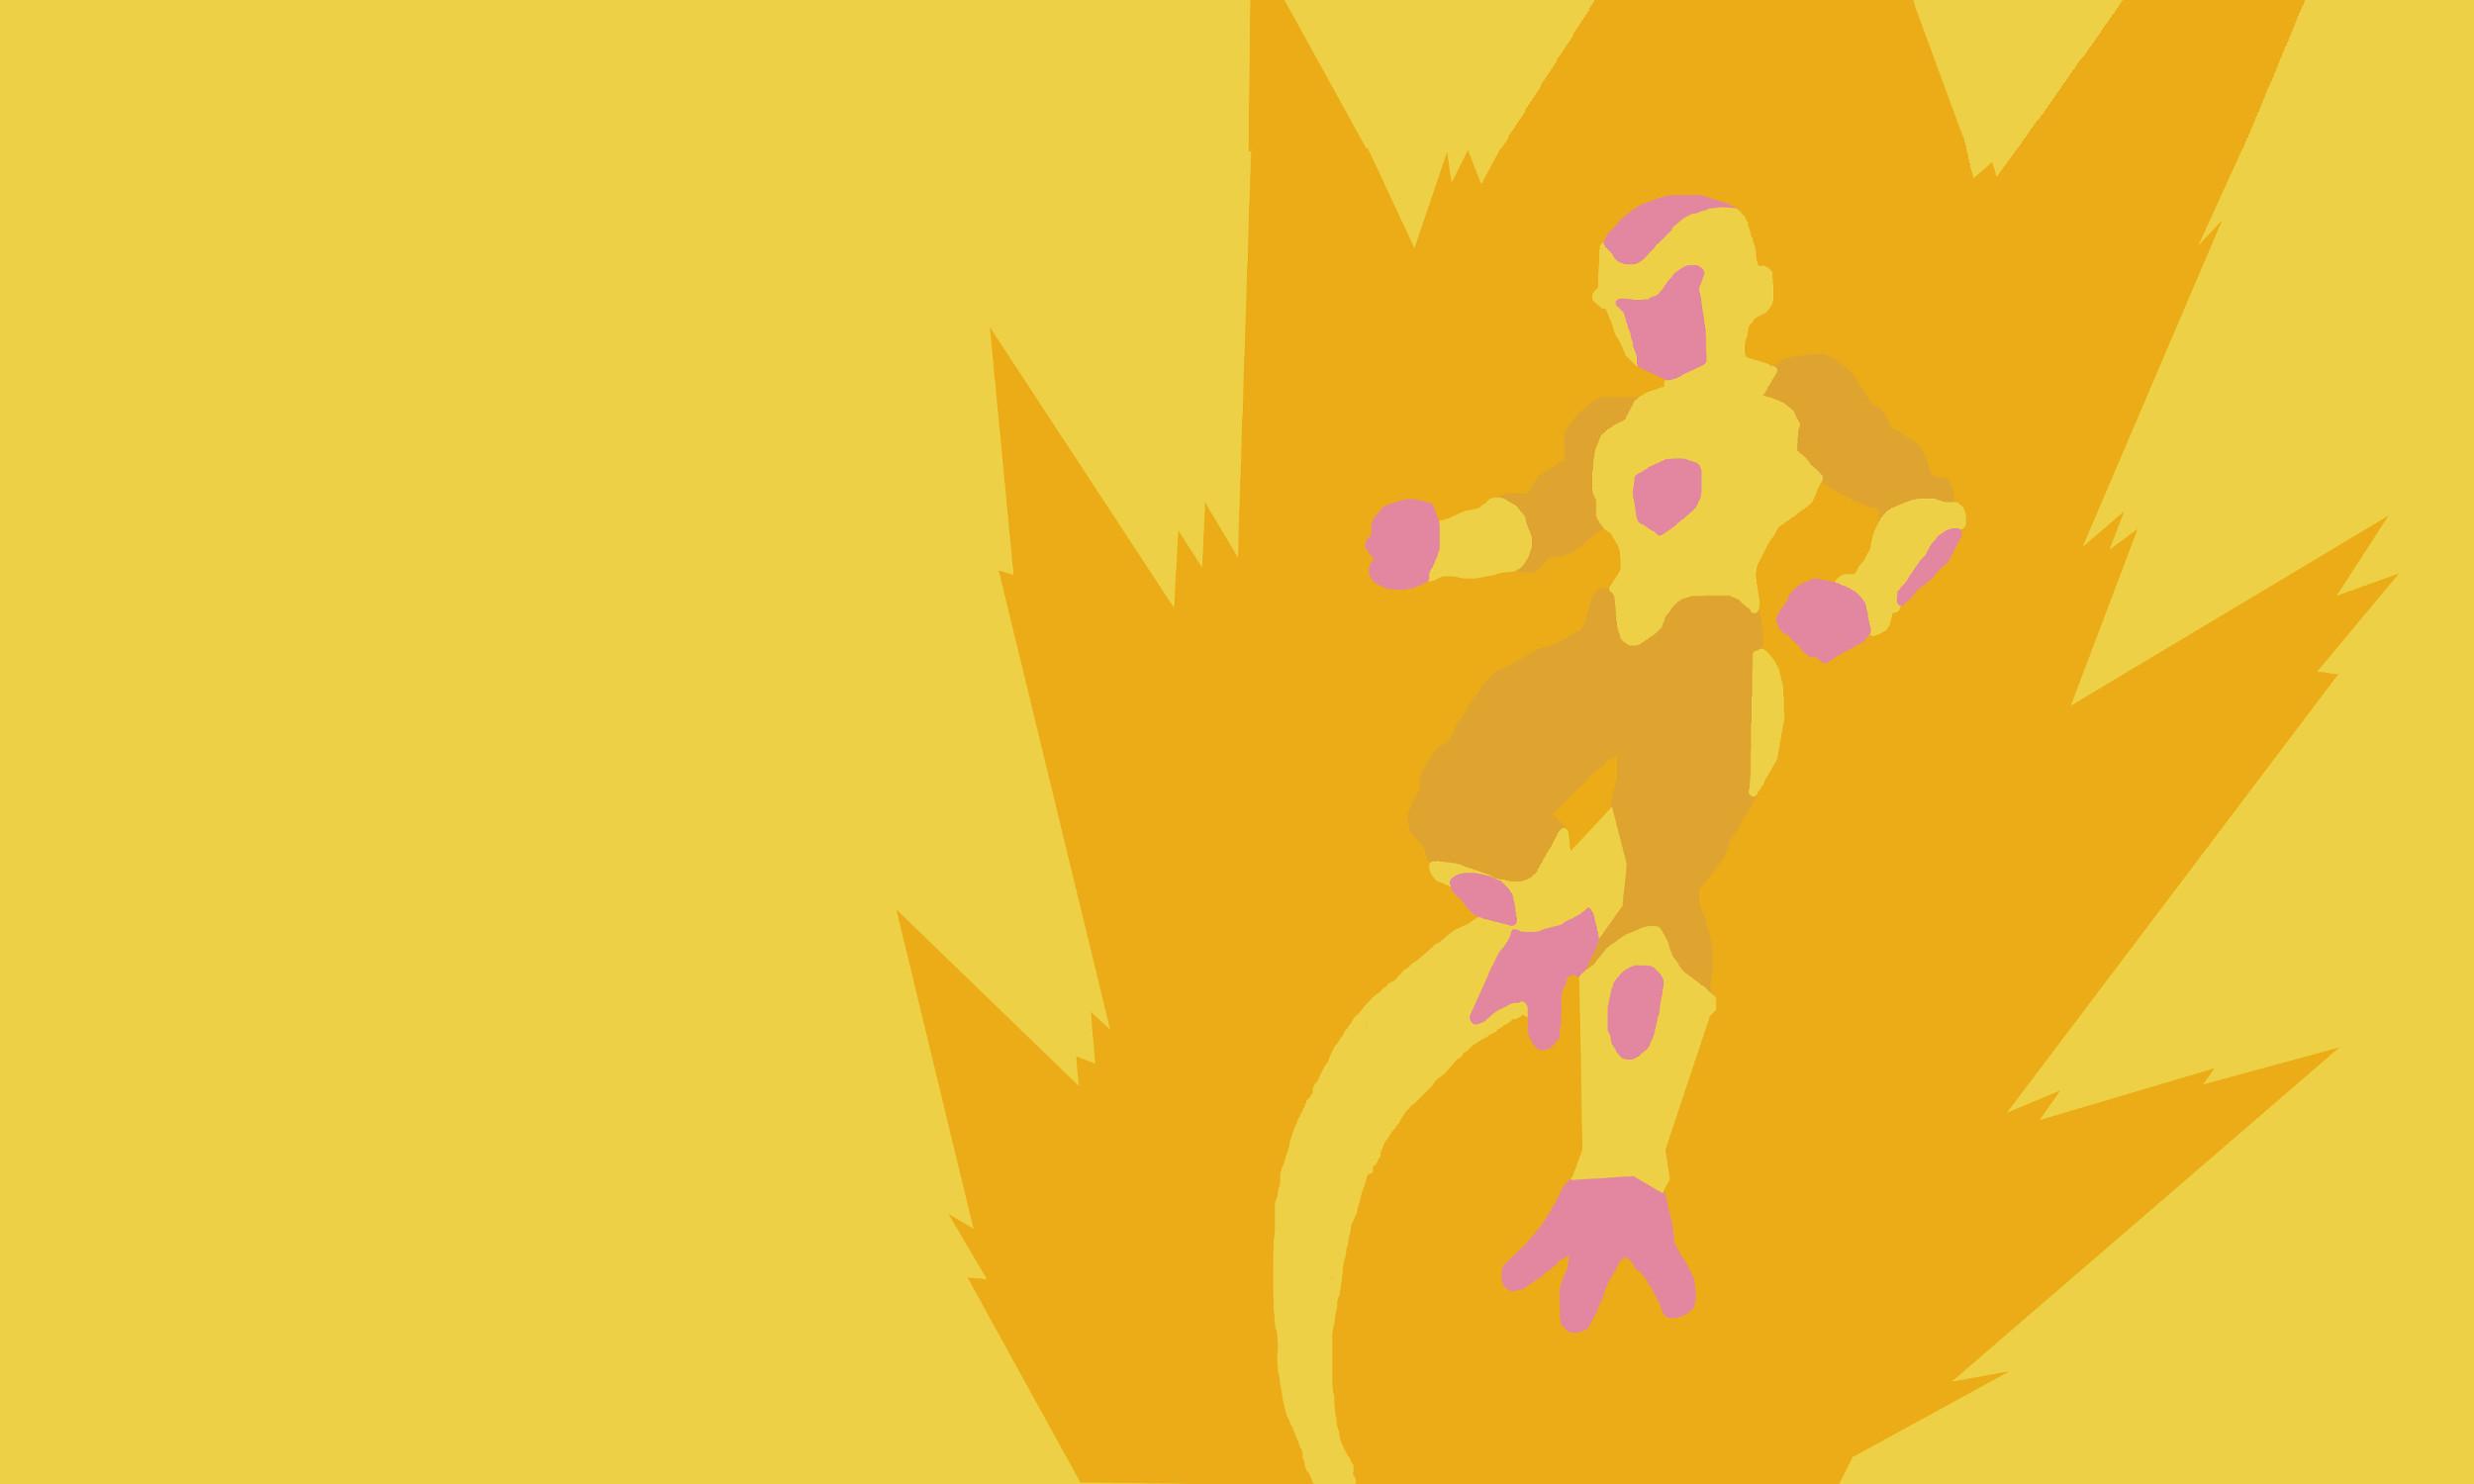 Golden Frieza Minimalist by Zeeeeblueboy01 Golden Frieza Minimalist by  Zeeeeblueboy01